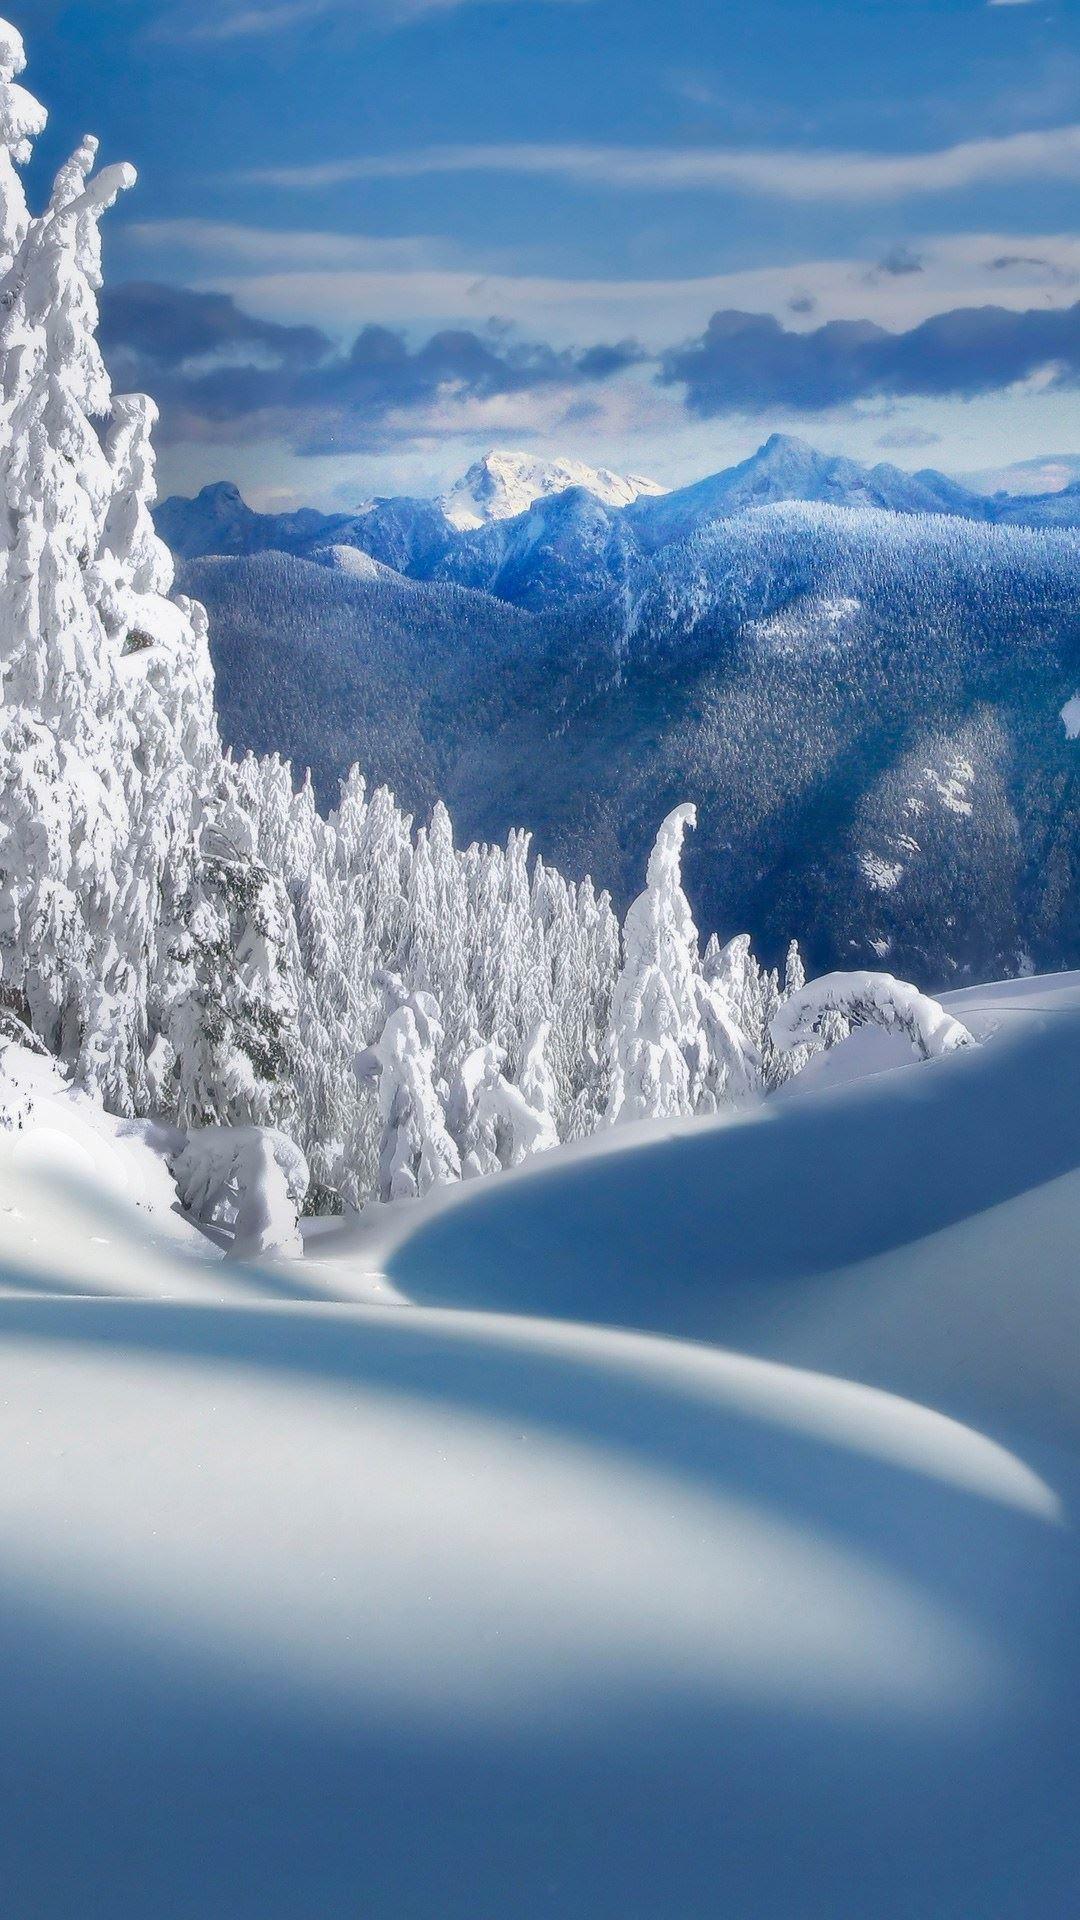 フェアリーテイルクリスマス雪風景iphone 7 Plus Android壁紙 Iphone